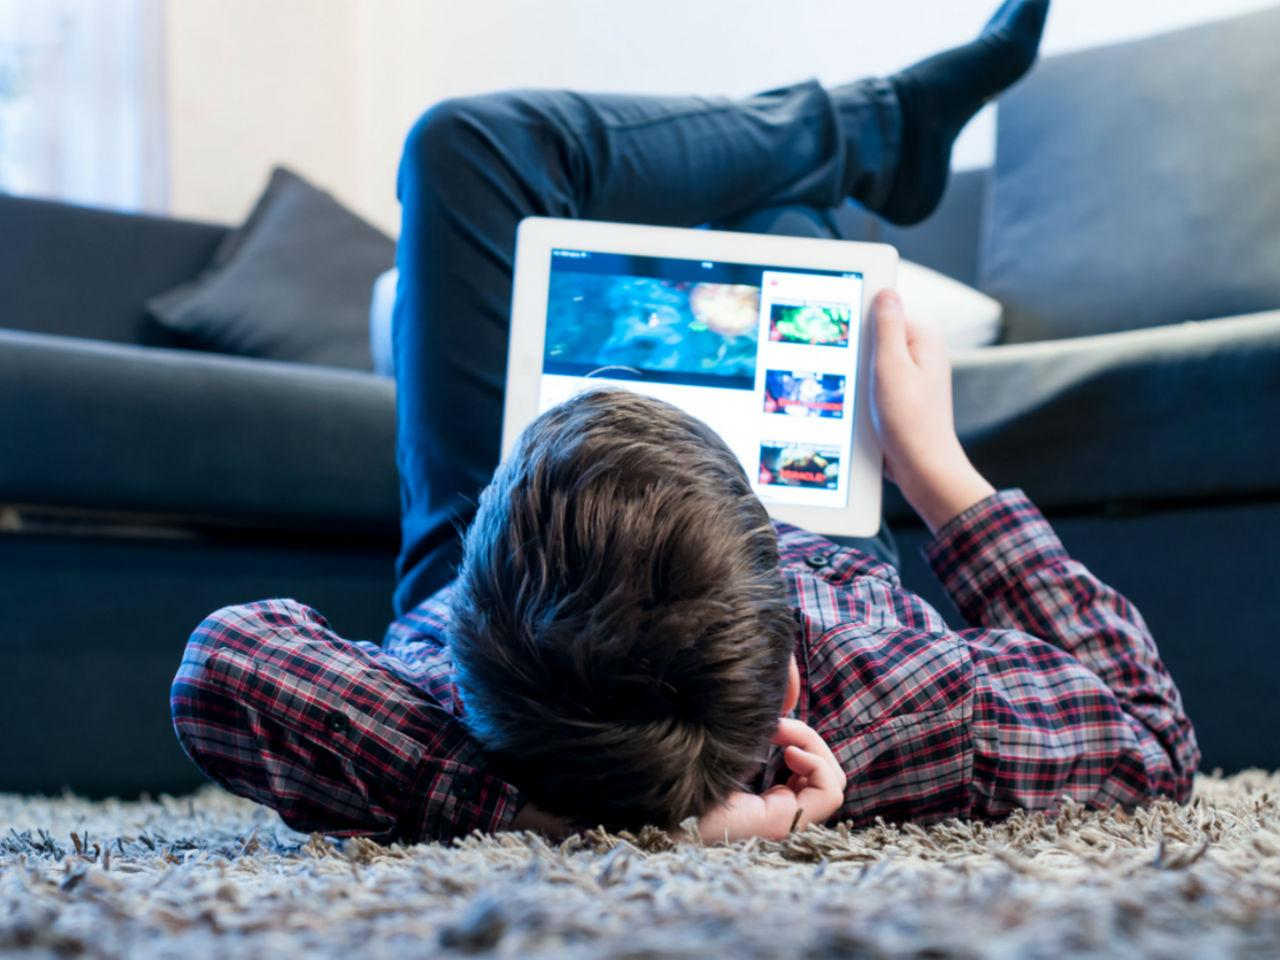 Giderek Yayılıyor: YouTube Tehlikeli ve Zararlı Meydan Okuma Videolarını Yasakladı